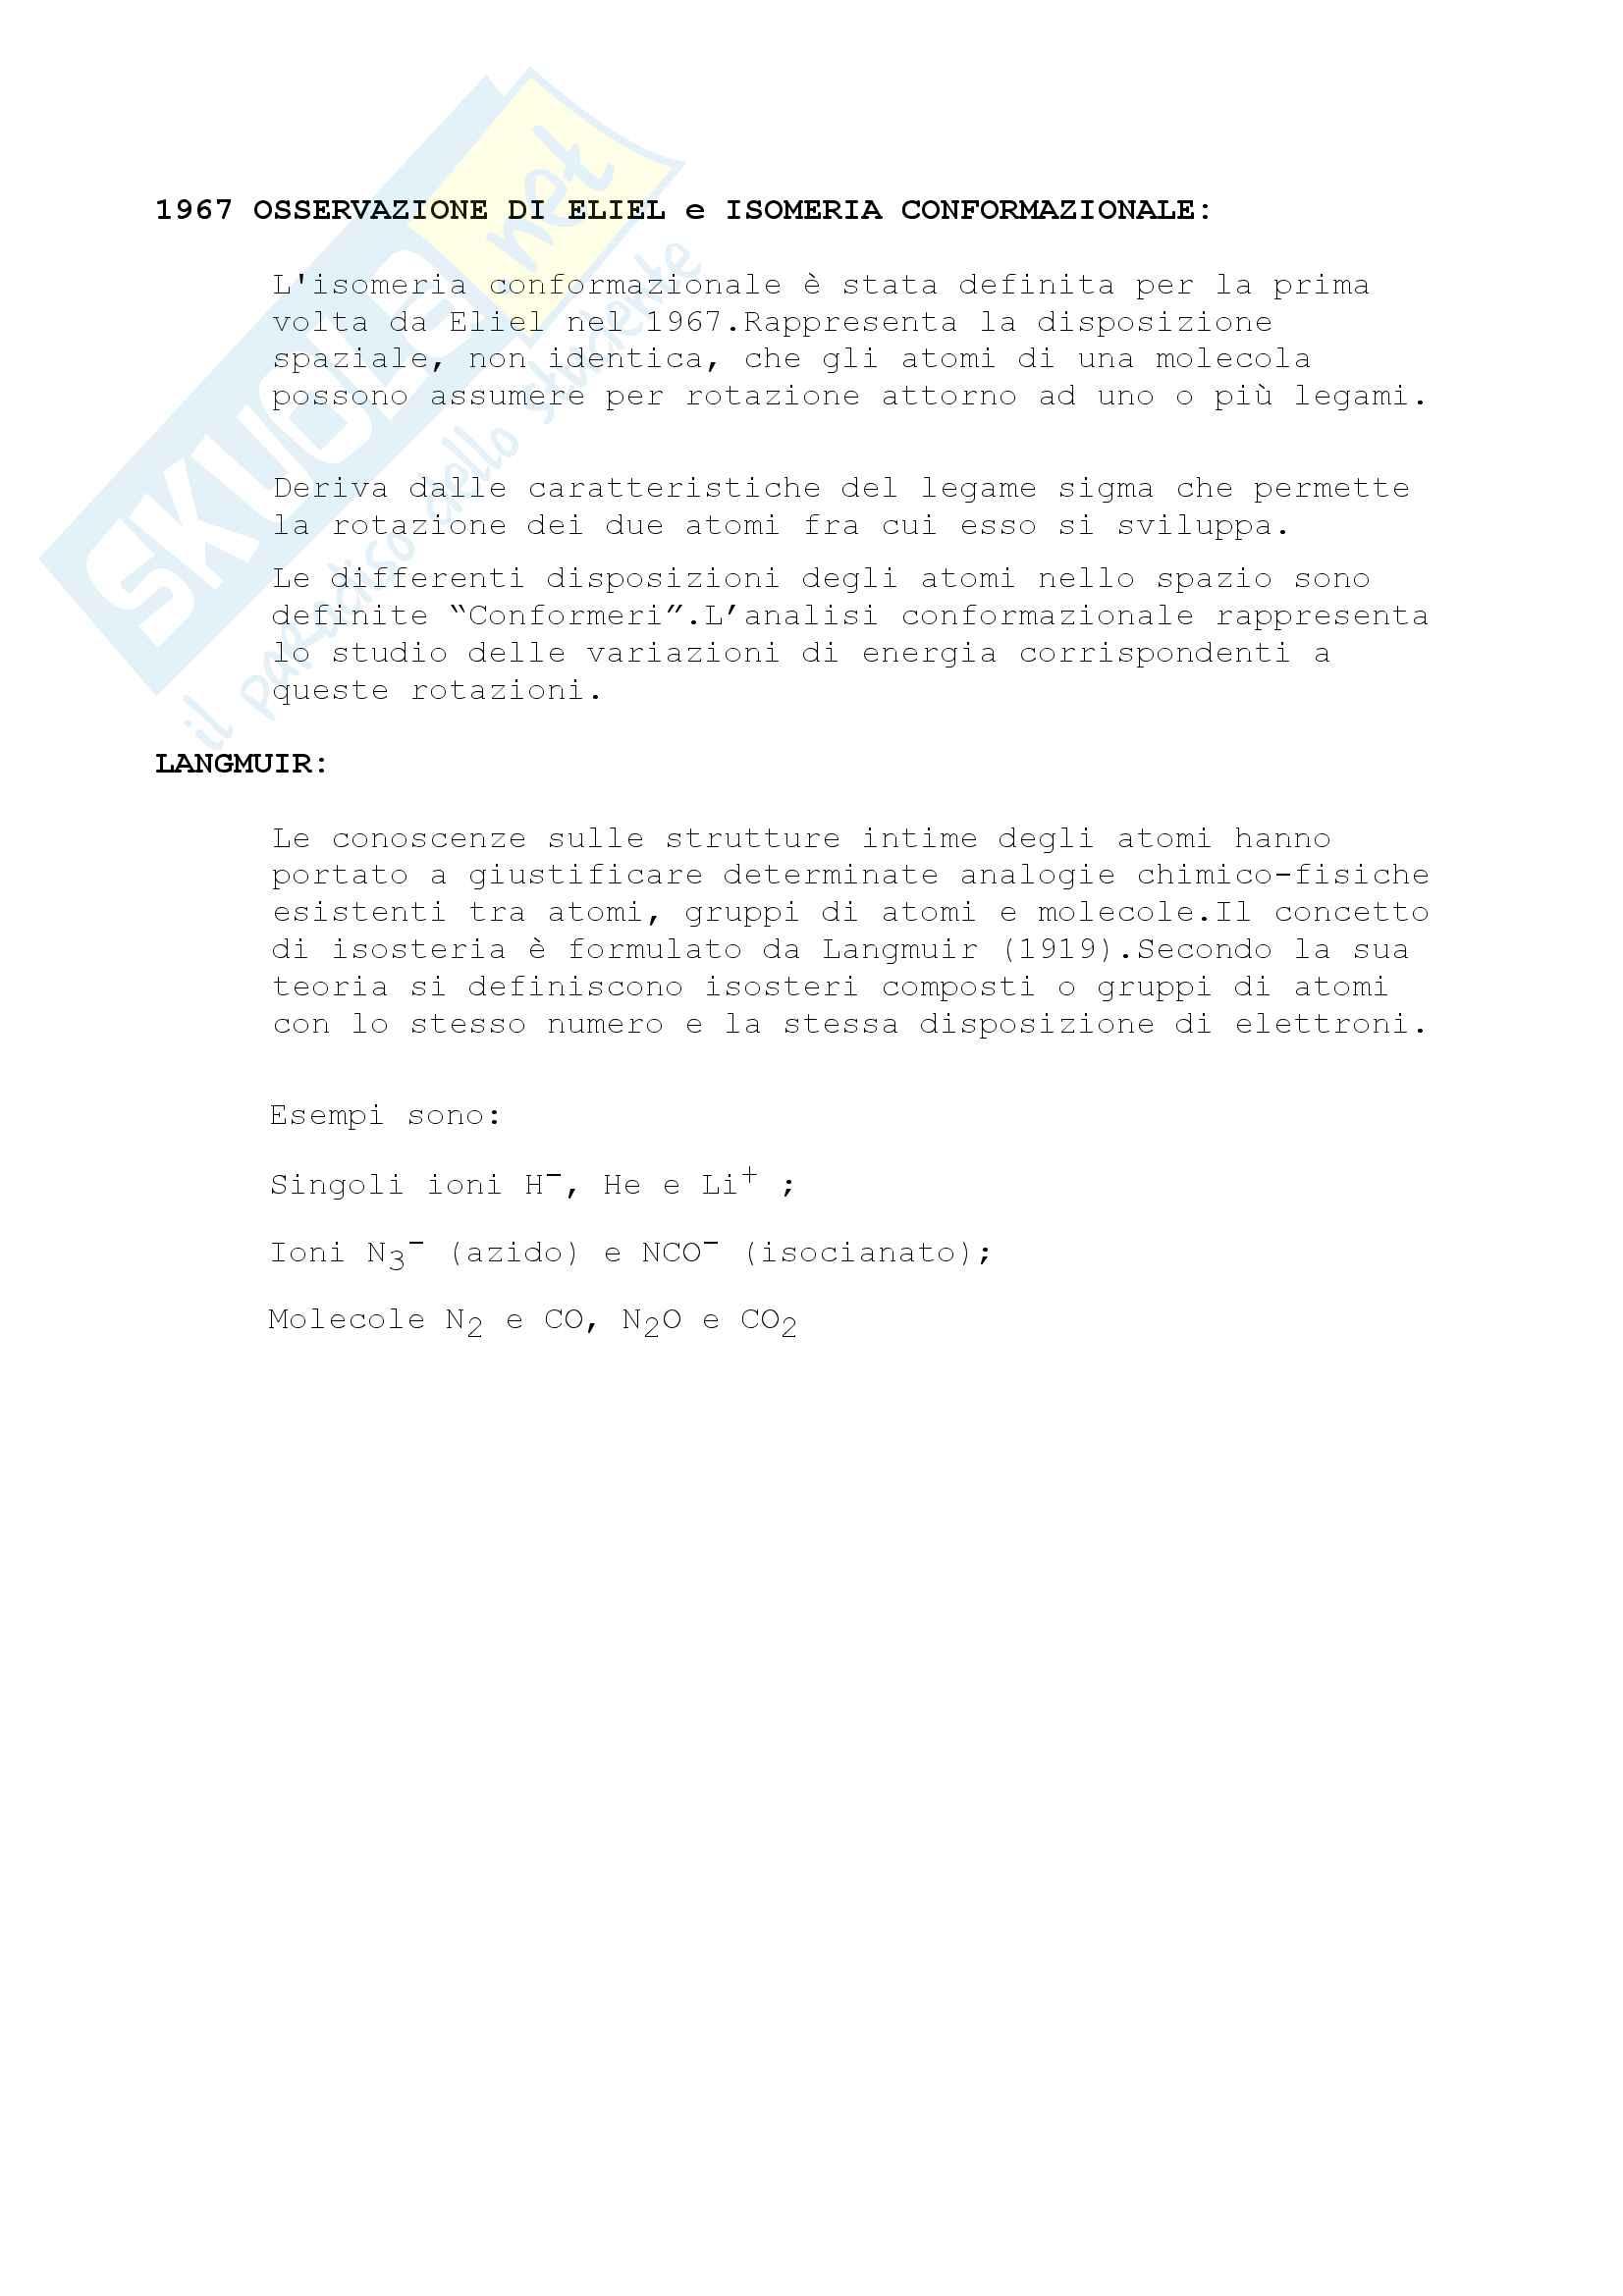 Chimica Farmaceutica e Tossicologica I e Farmaci Pag. 26